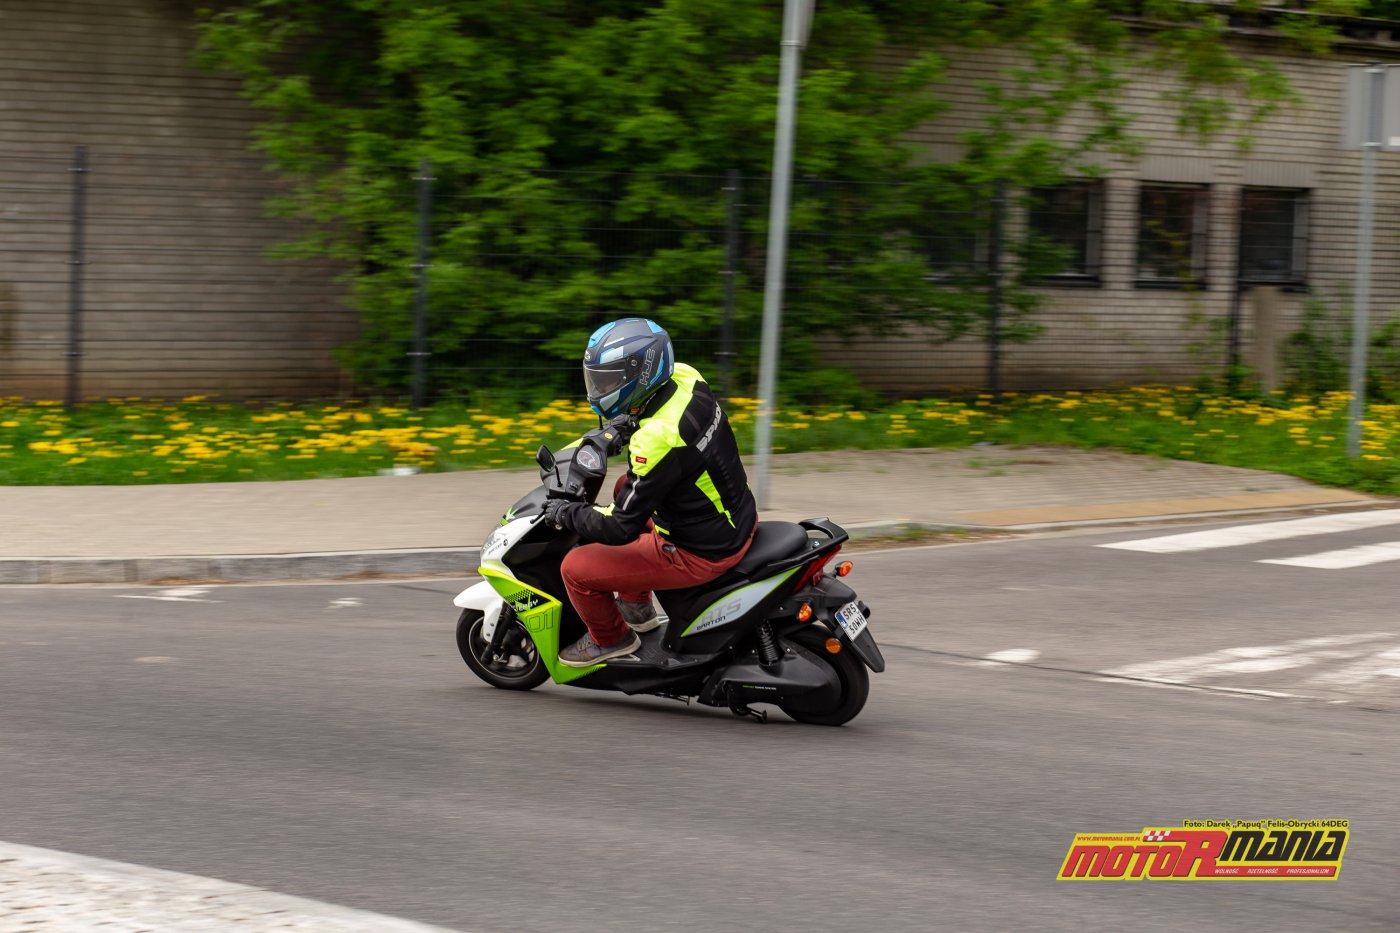 Barton Eko Energy - test MotoRmania - fot Darek Papug Felis-Obrycki (7)